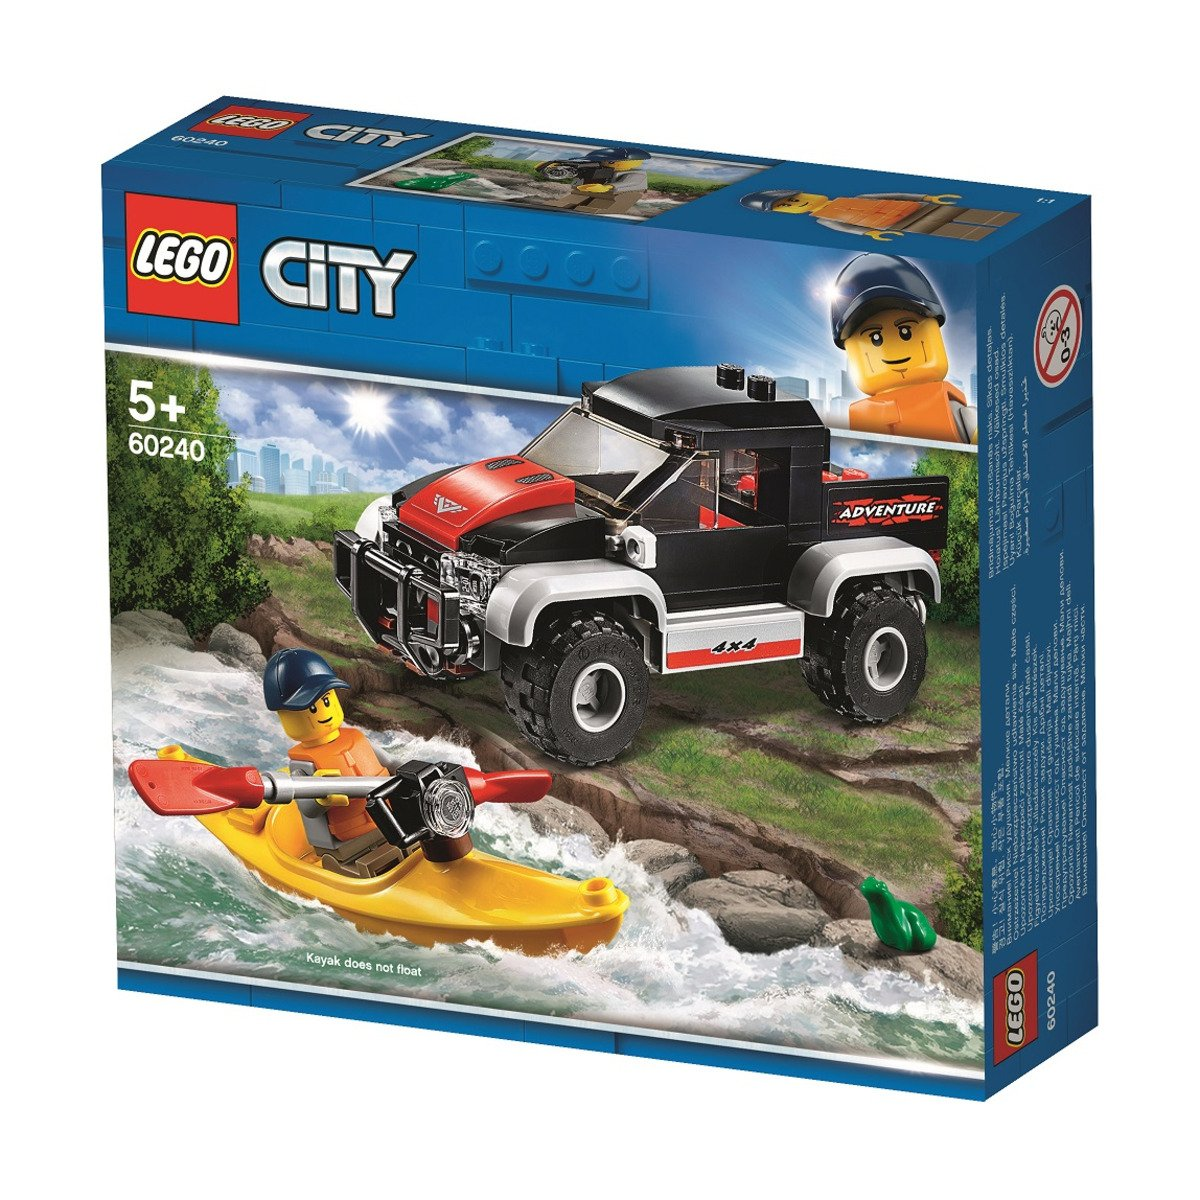 Bild 2 von Lego City Kajak Abenteuer